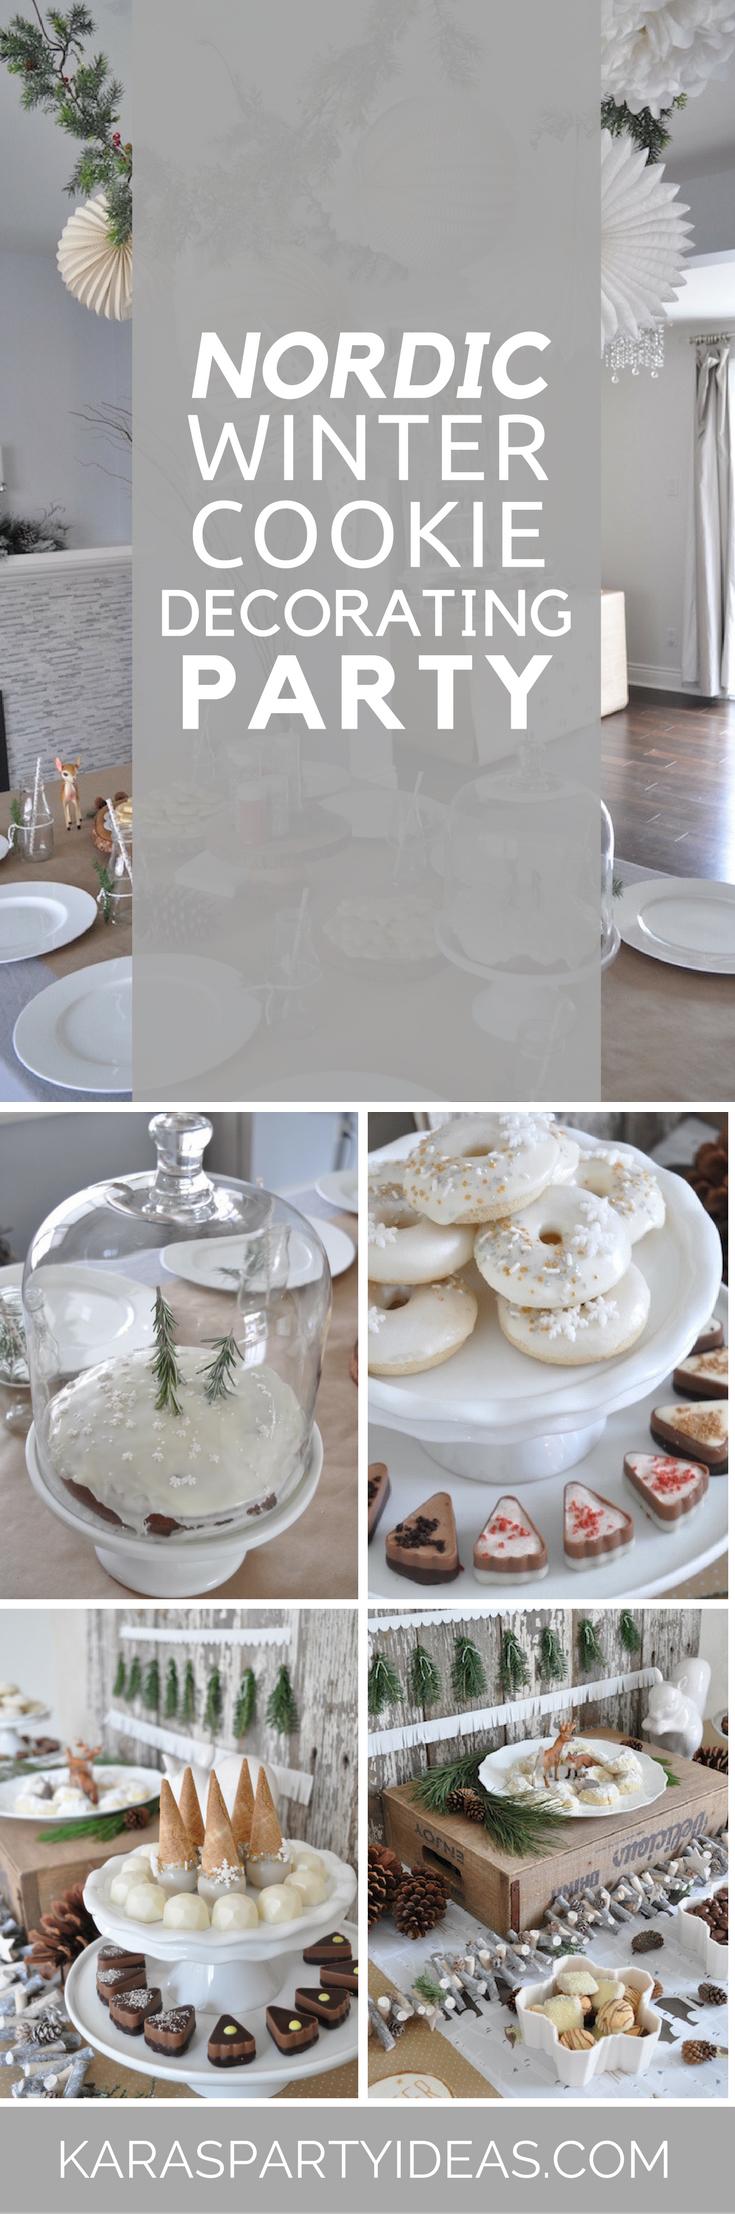 Nordic Winter Cookie Decorating Party via Kara's Party Ideas - KarasPartyIdeas.com